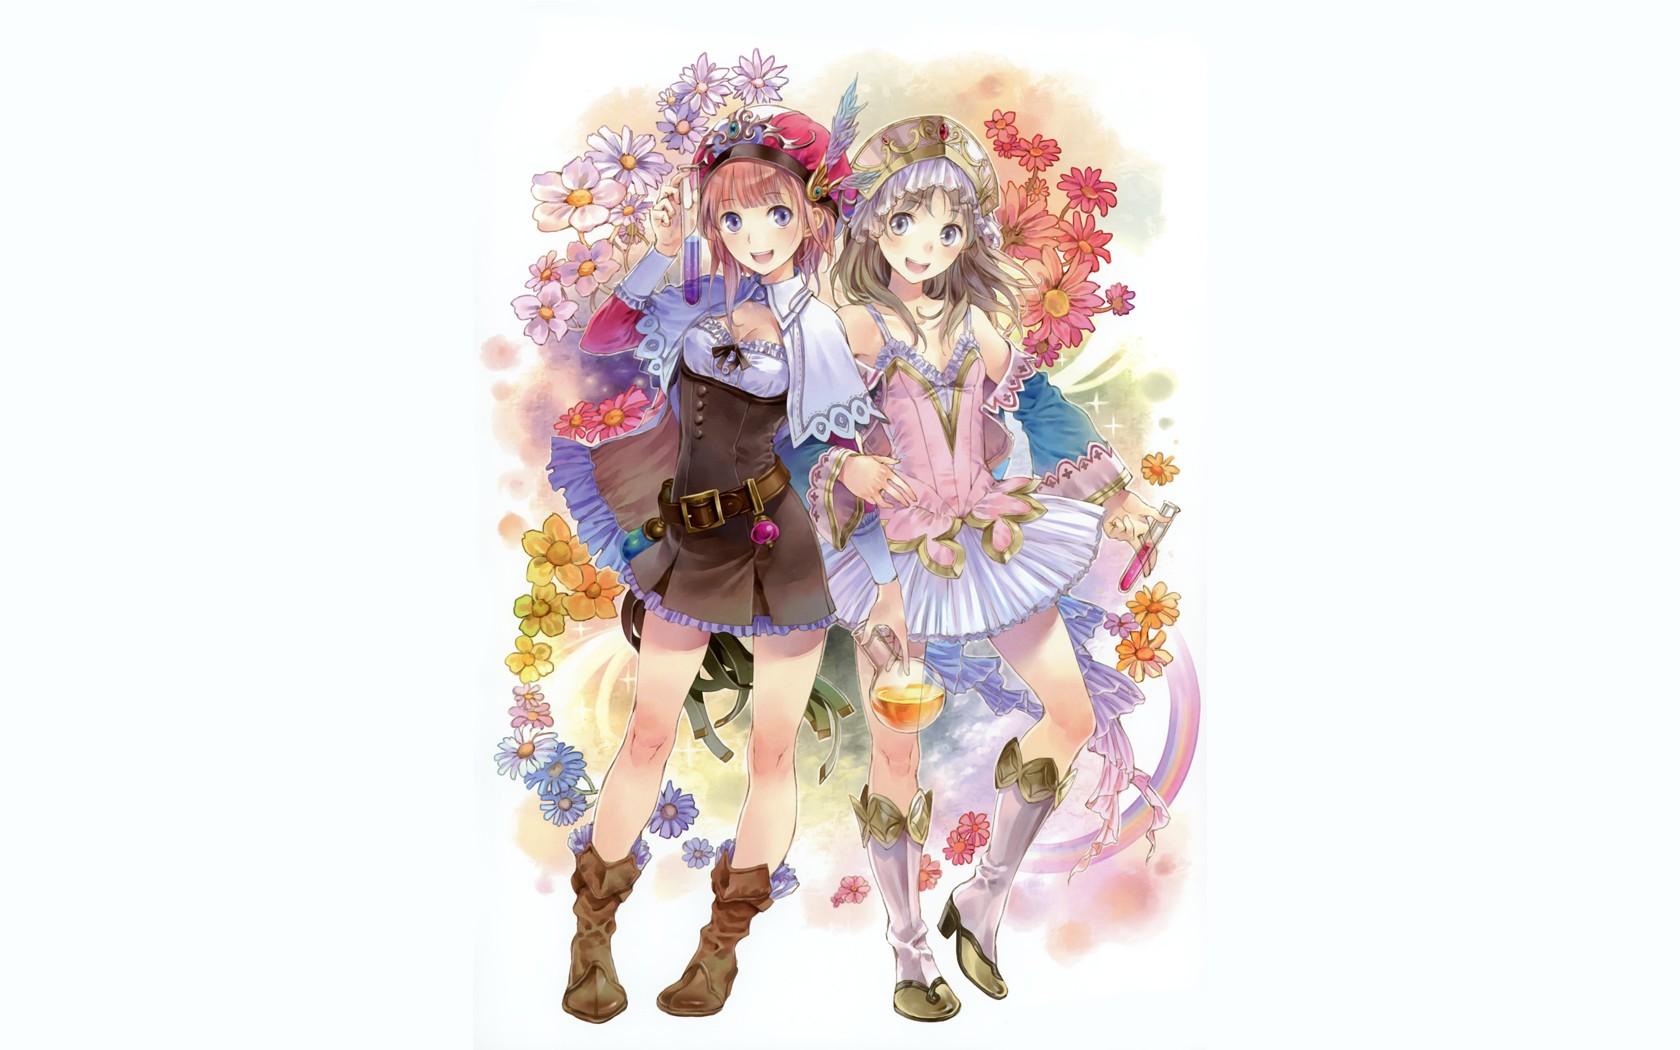 Anime Atelier Totori Wallpaper 1680x1050 Anime Atelier Totori 1680x1050